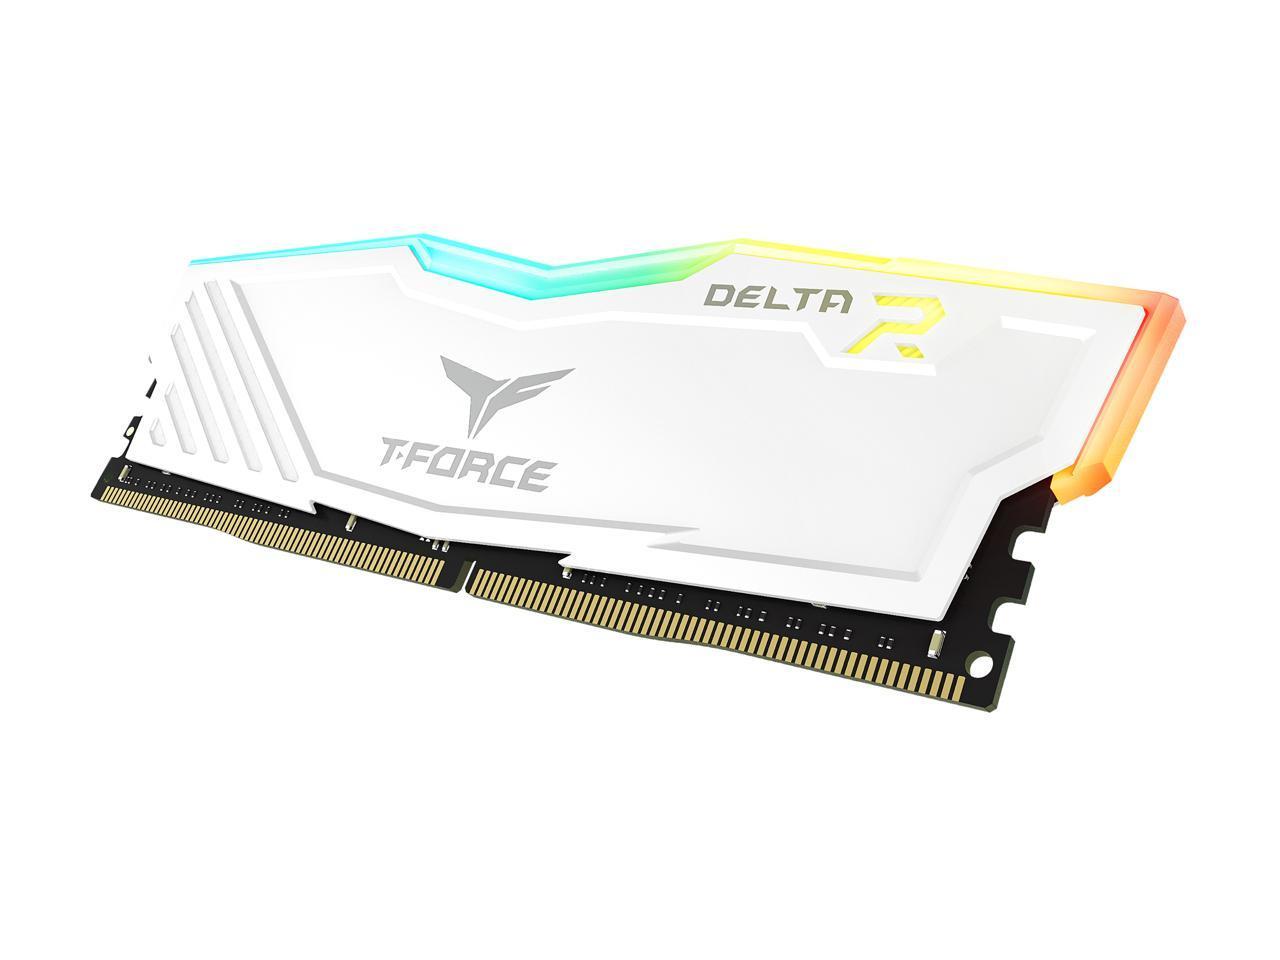 Kit de mémoire Delta RGB 64 Go T-Force Blanc